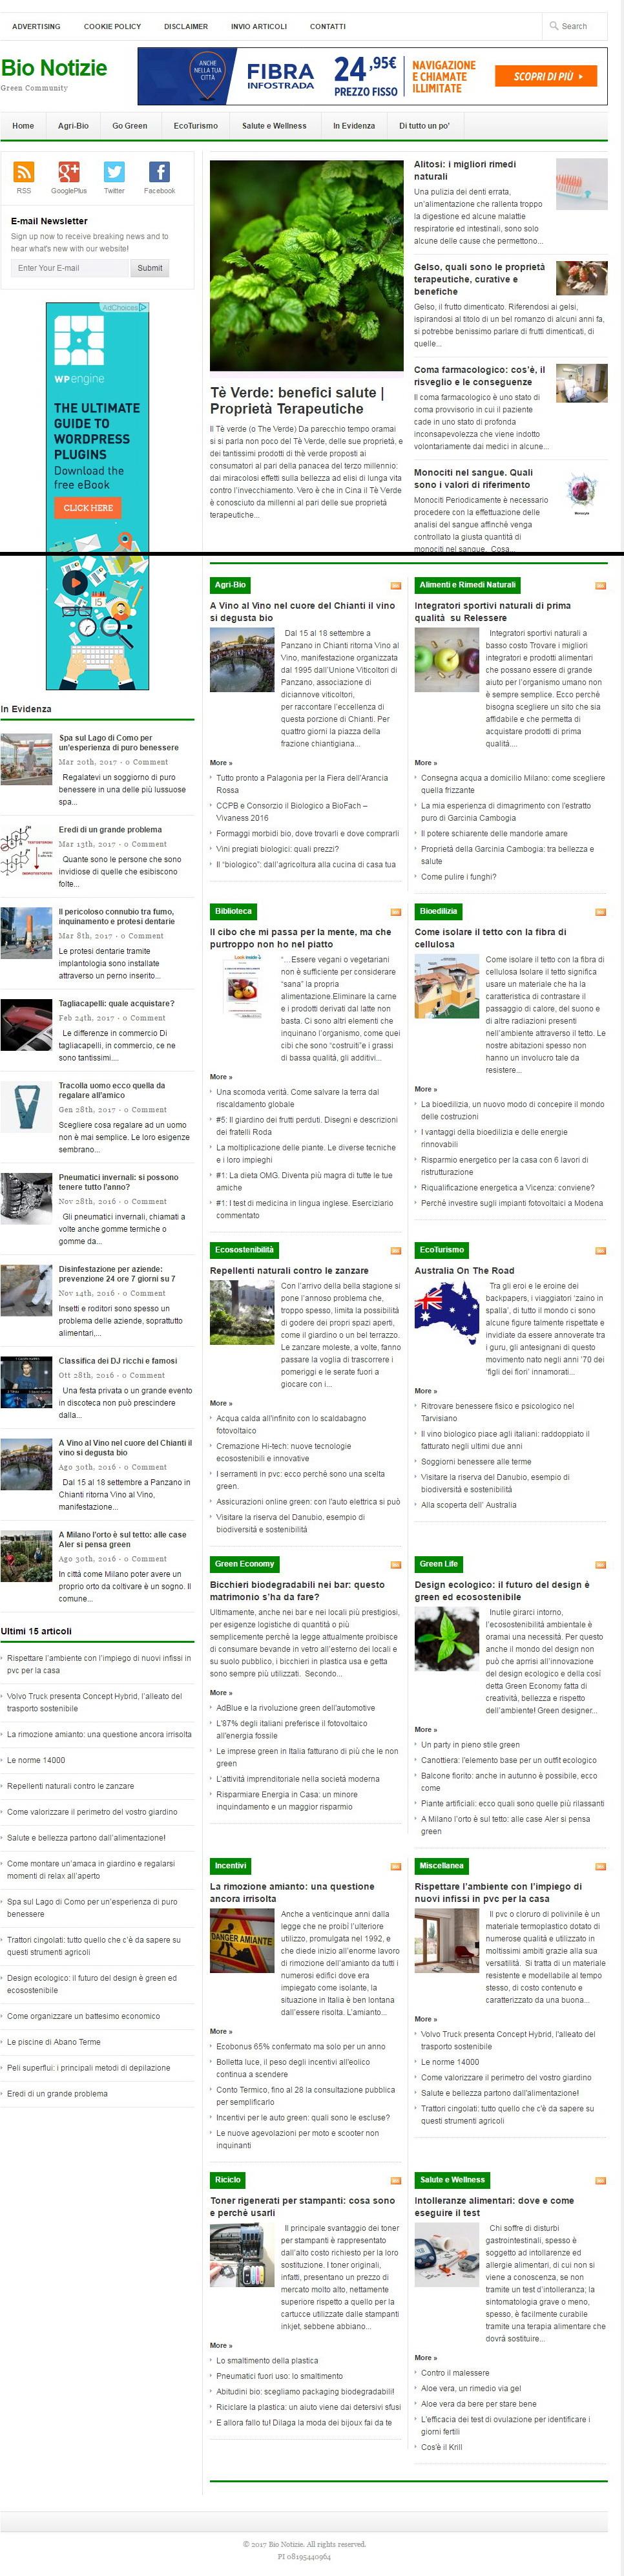 BioNotizie.com - bio